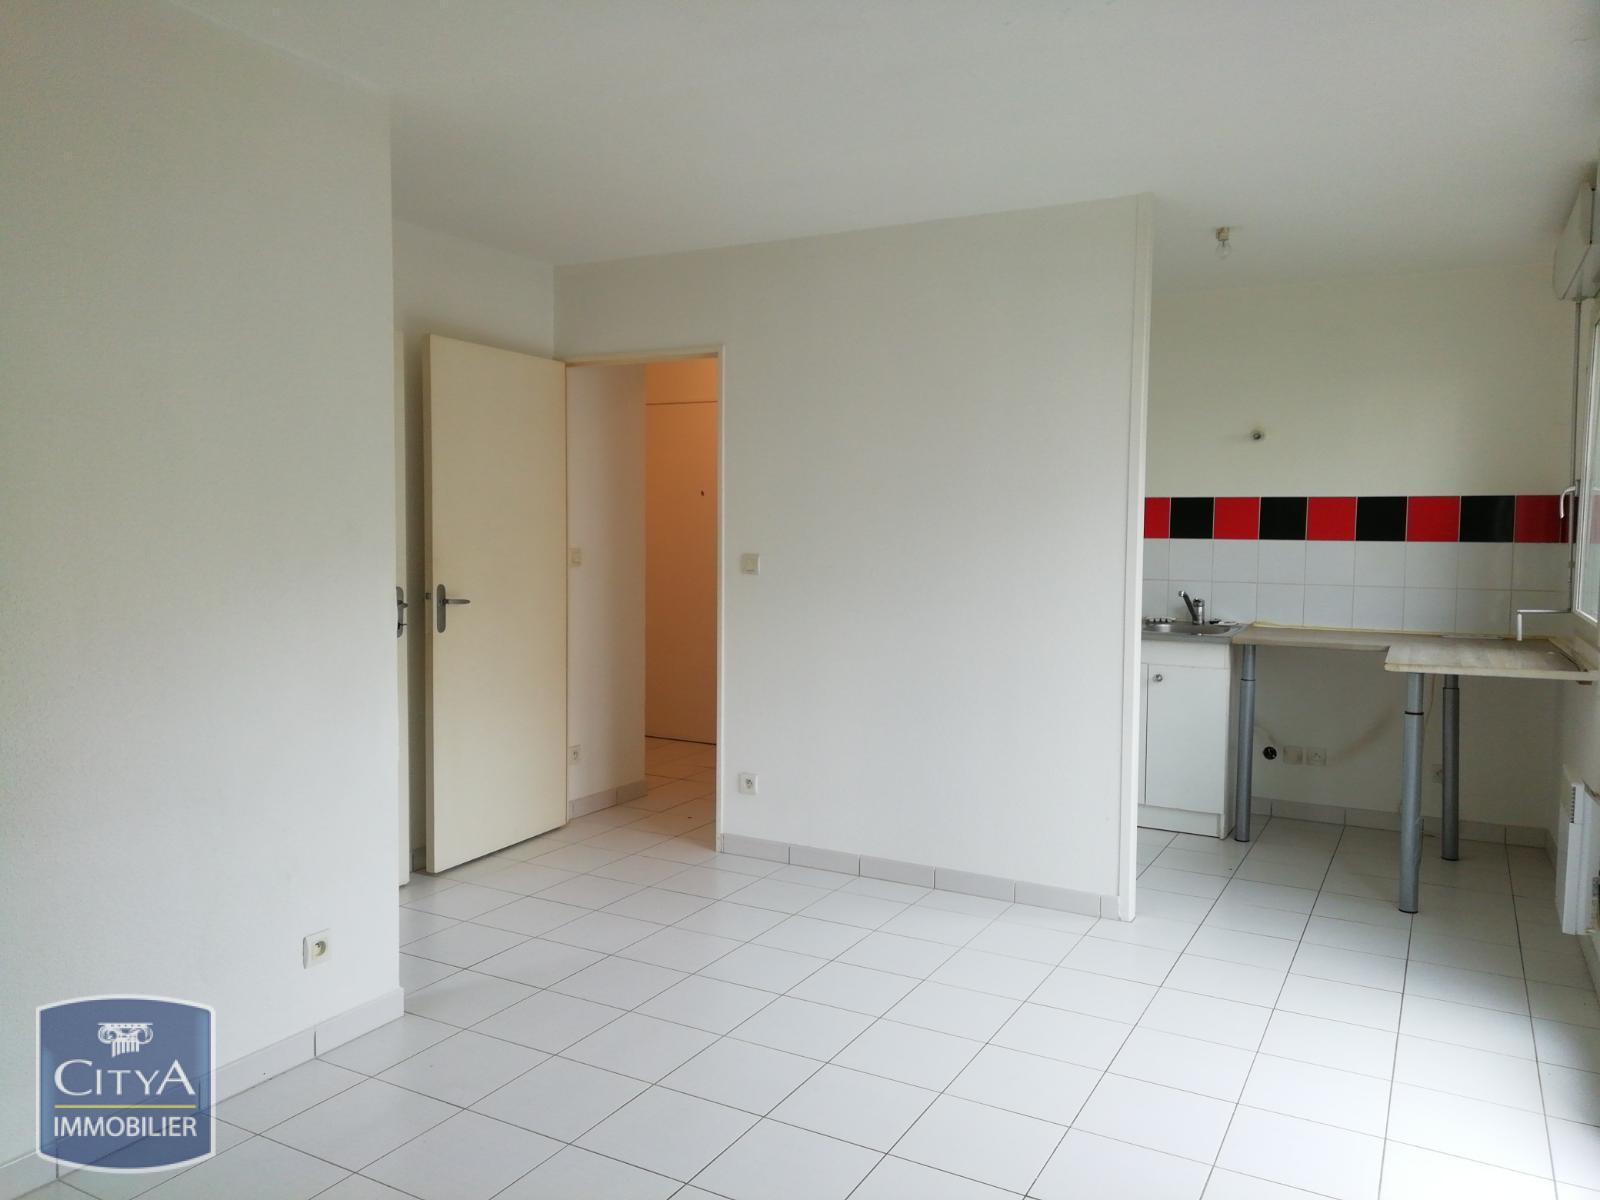 Appartement 2 pièces 35 m²